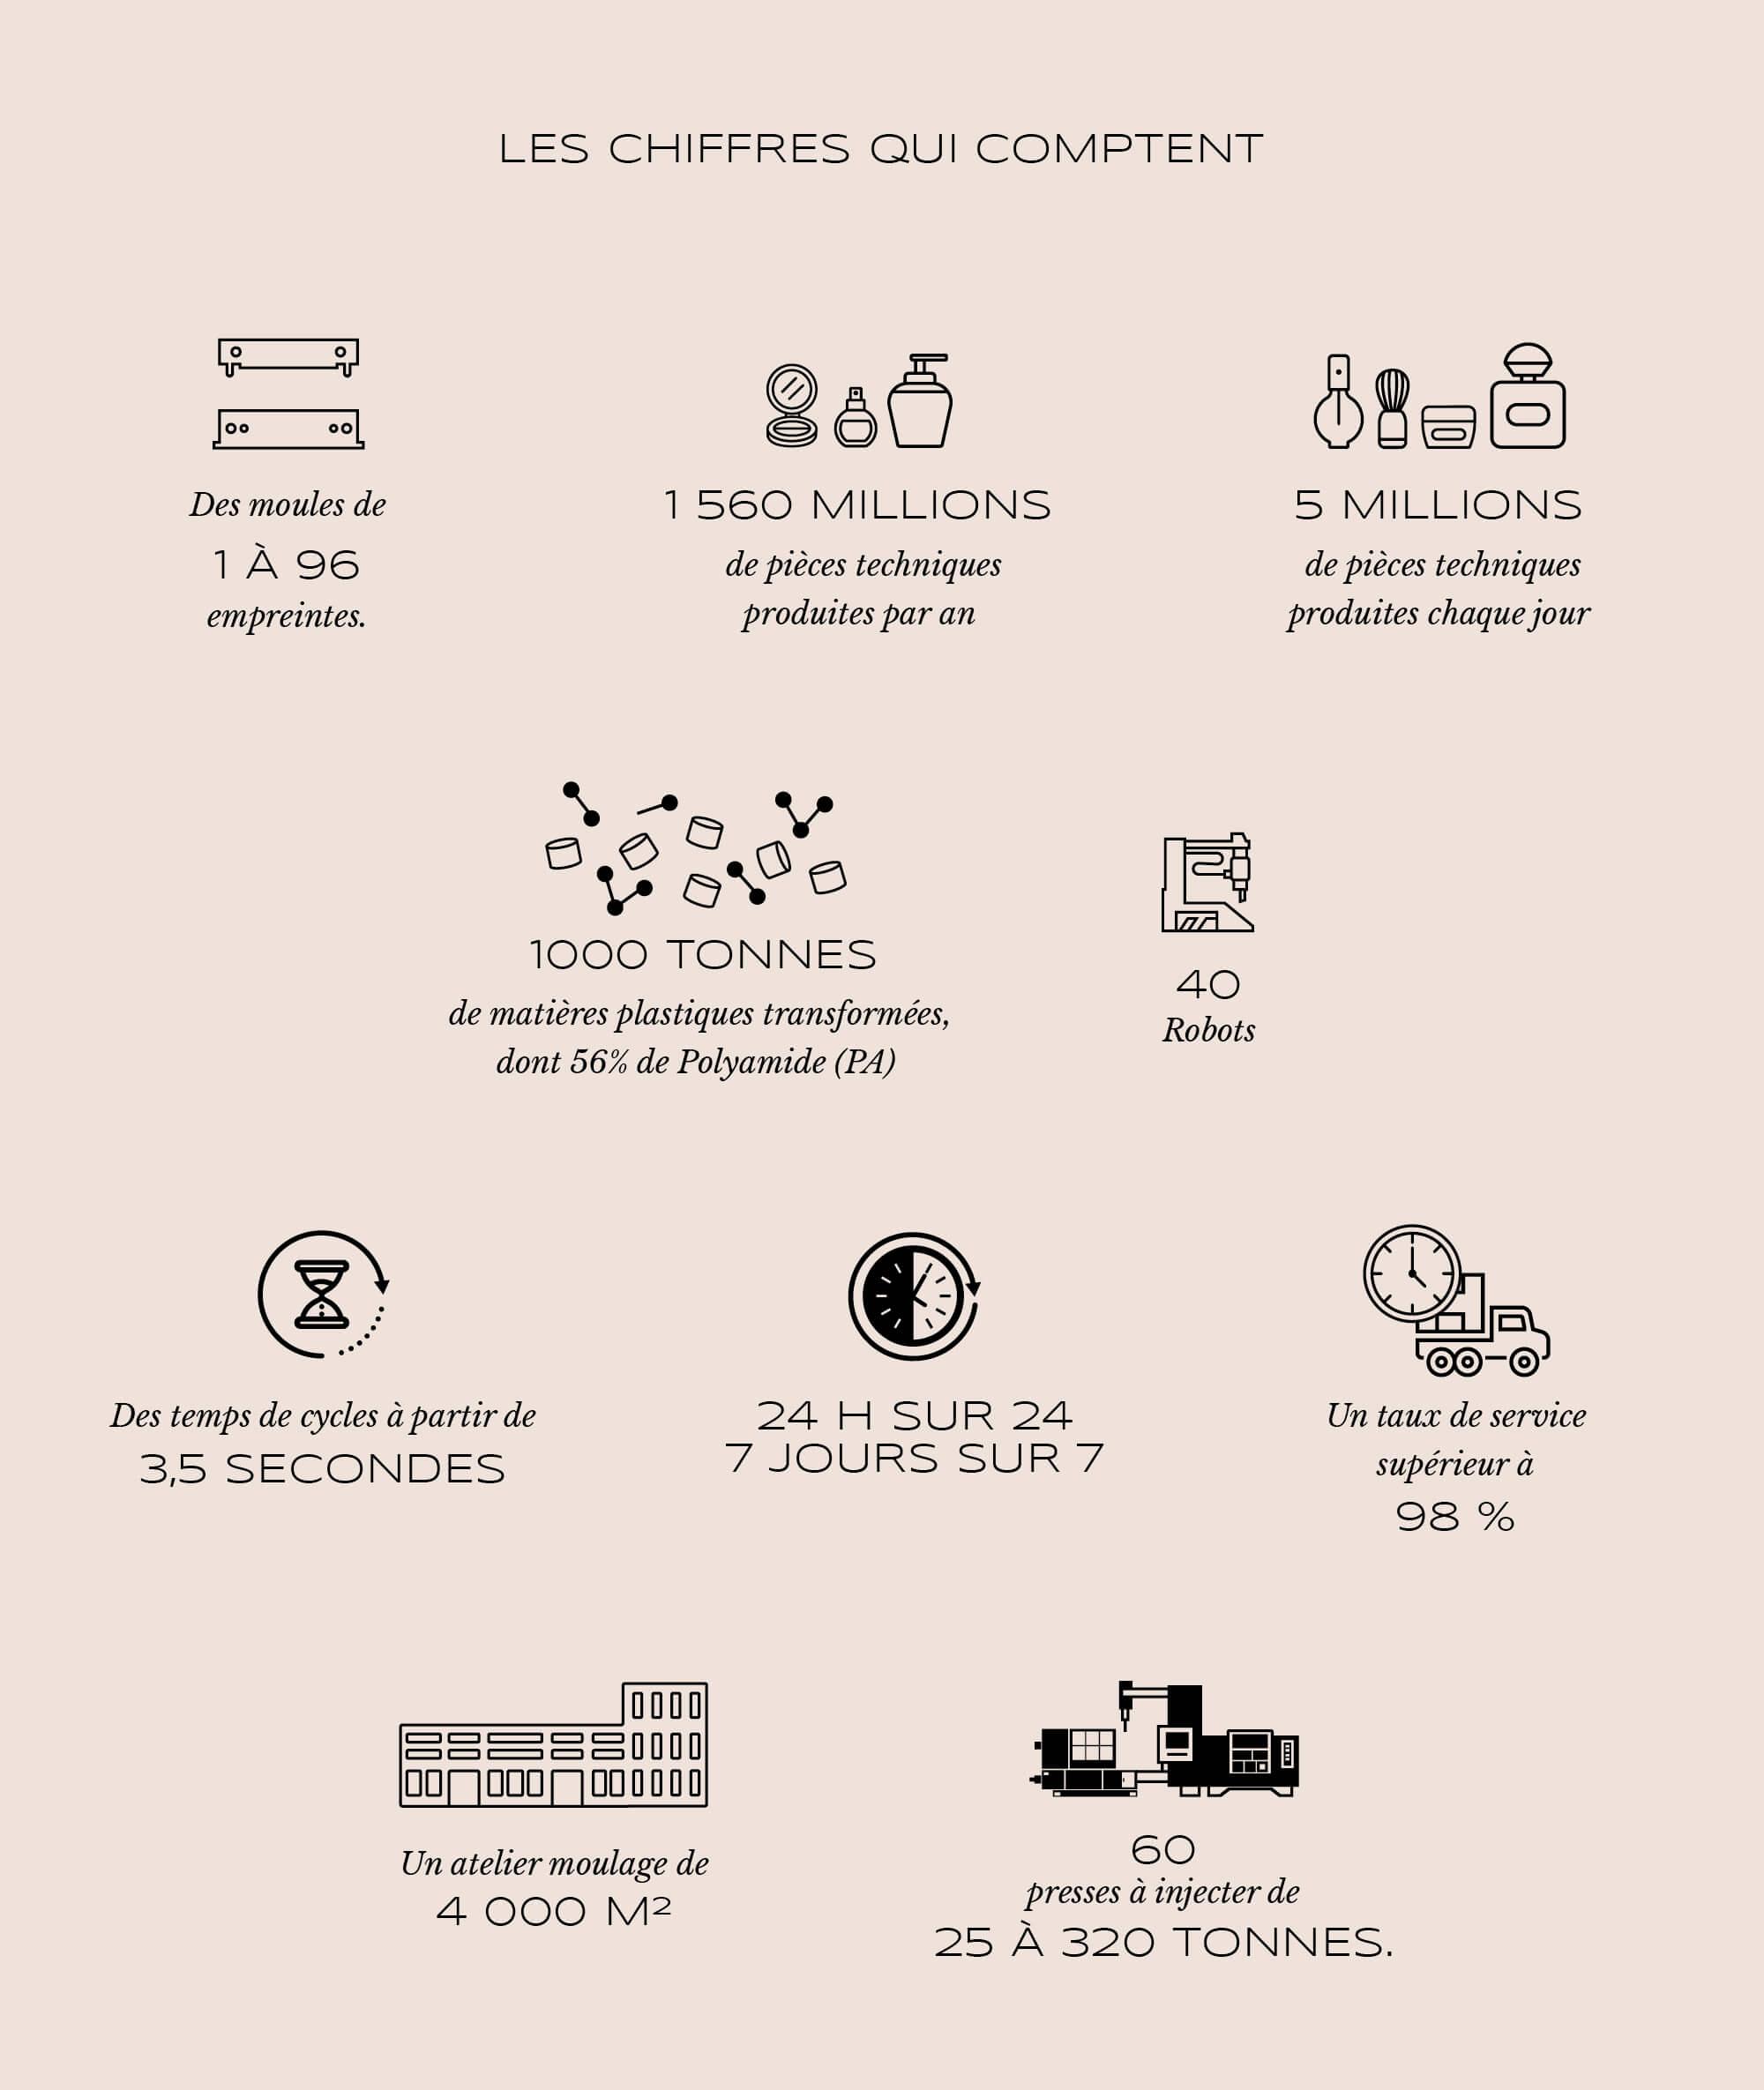 Pictogramme illustrant les chiffres de l'entreprise Reyflex, design IchetKar.